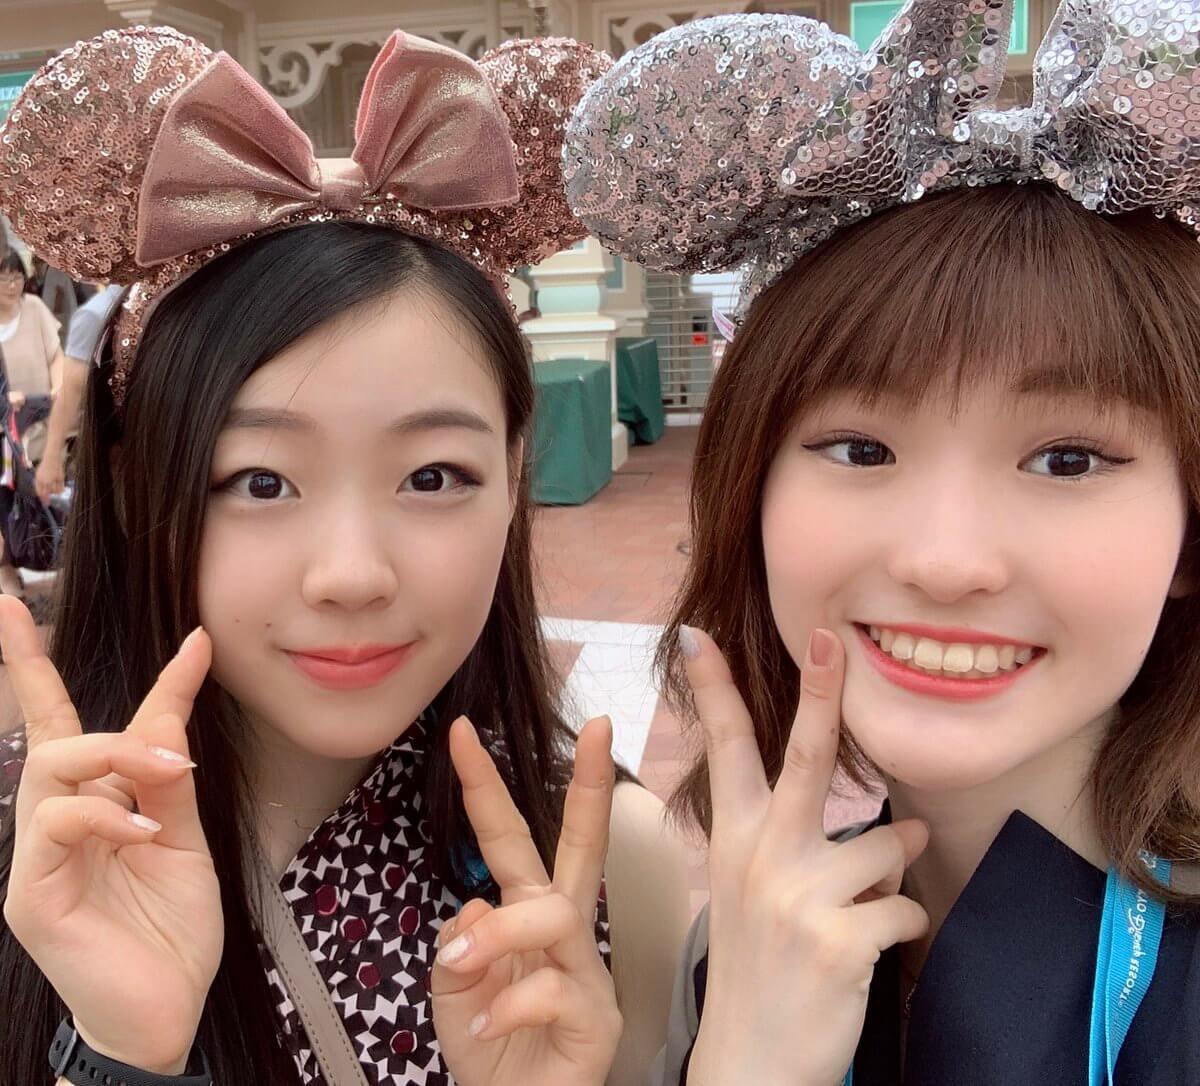 紀平梨花の姉が2人でディズニーランドで遊ぶ姿を公開!